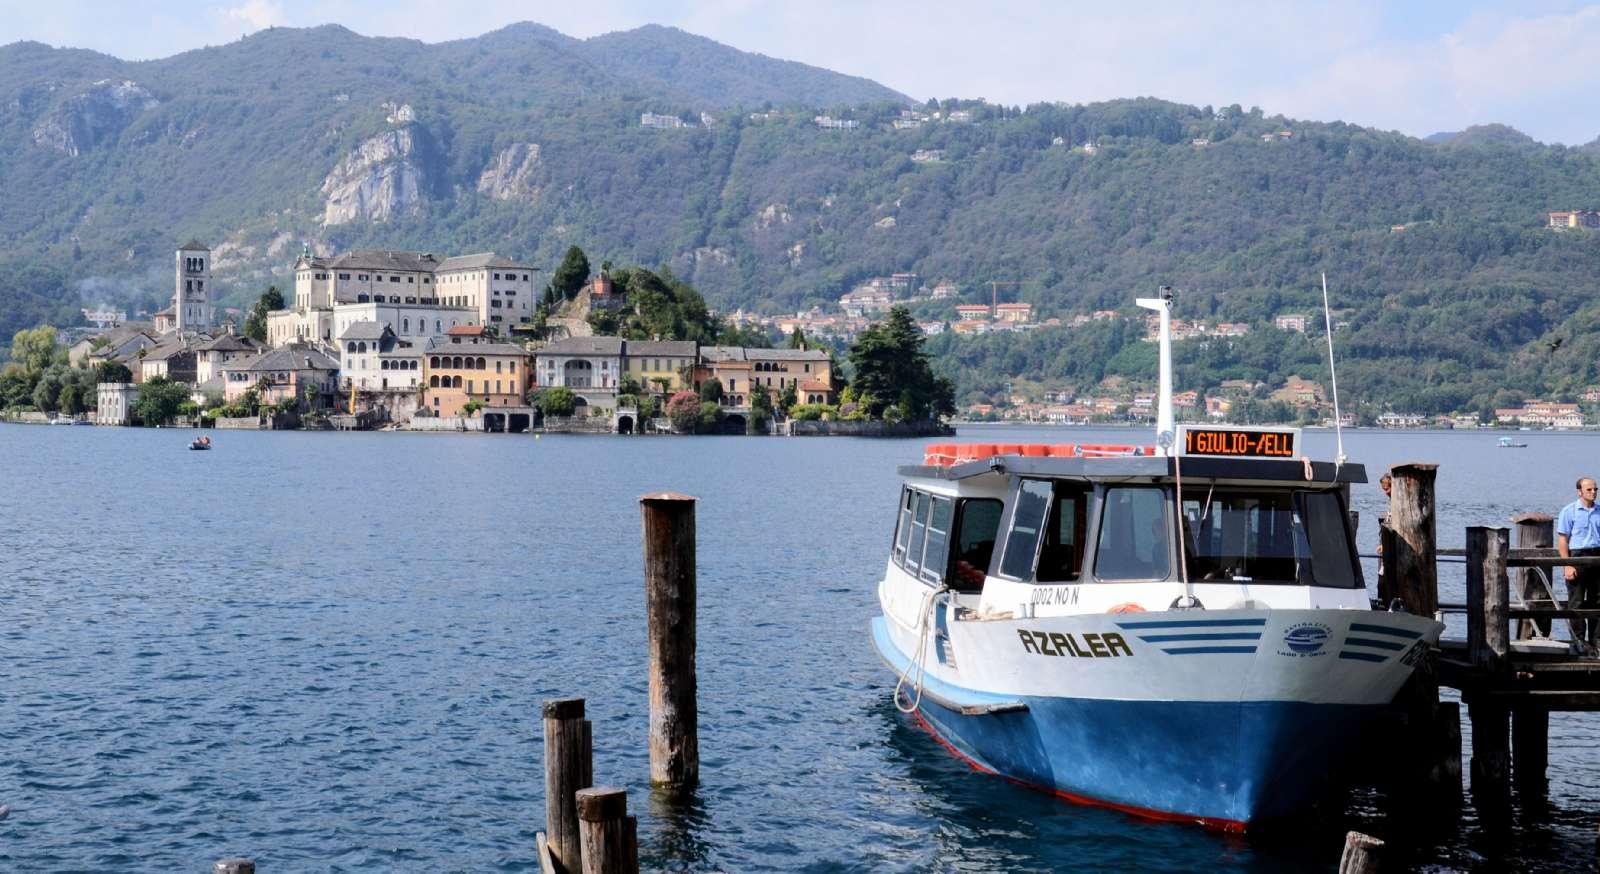 Udsigt mod klosterøen fra byen Orta San Giulio